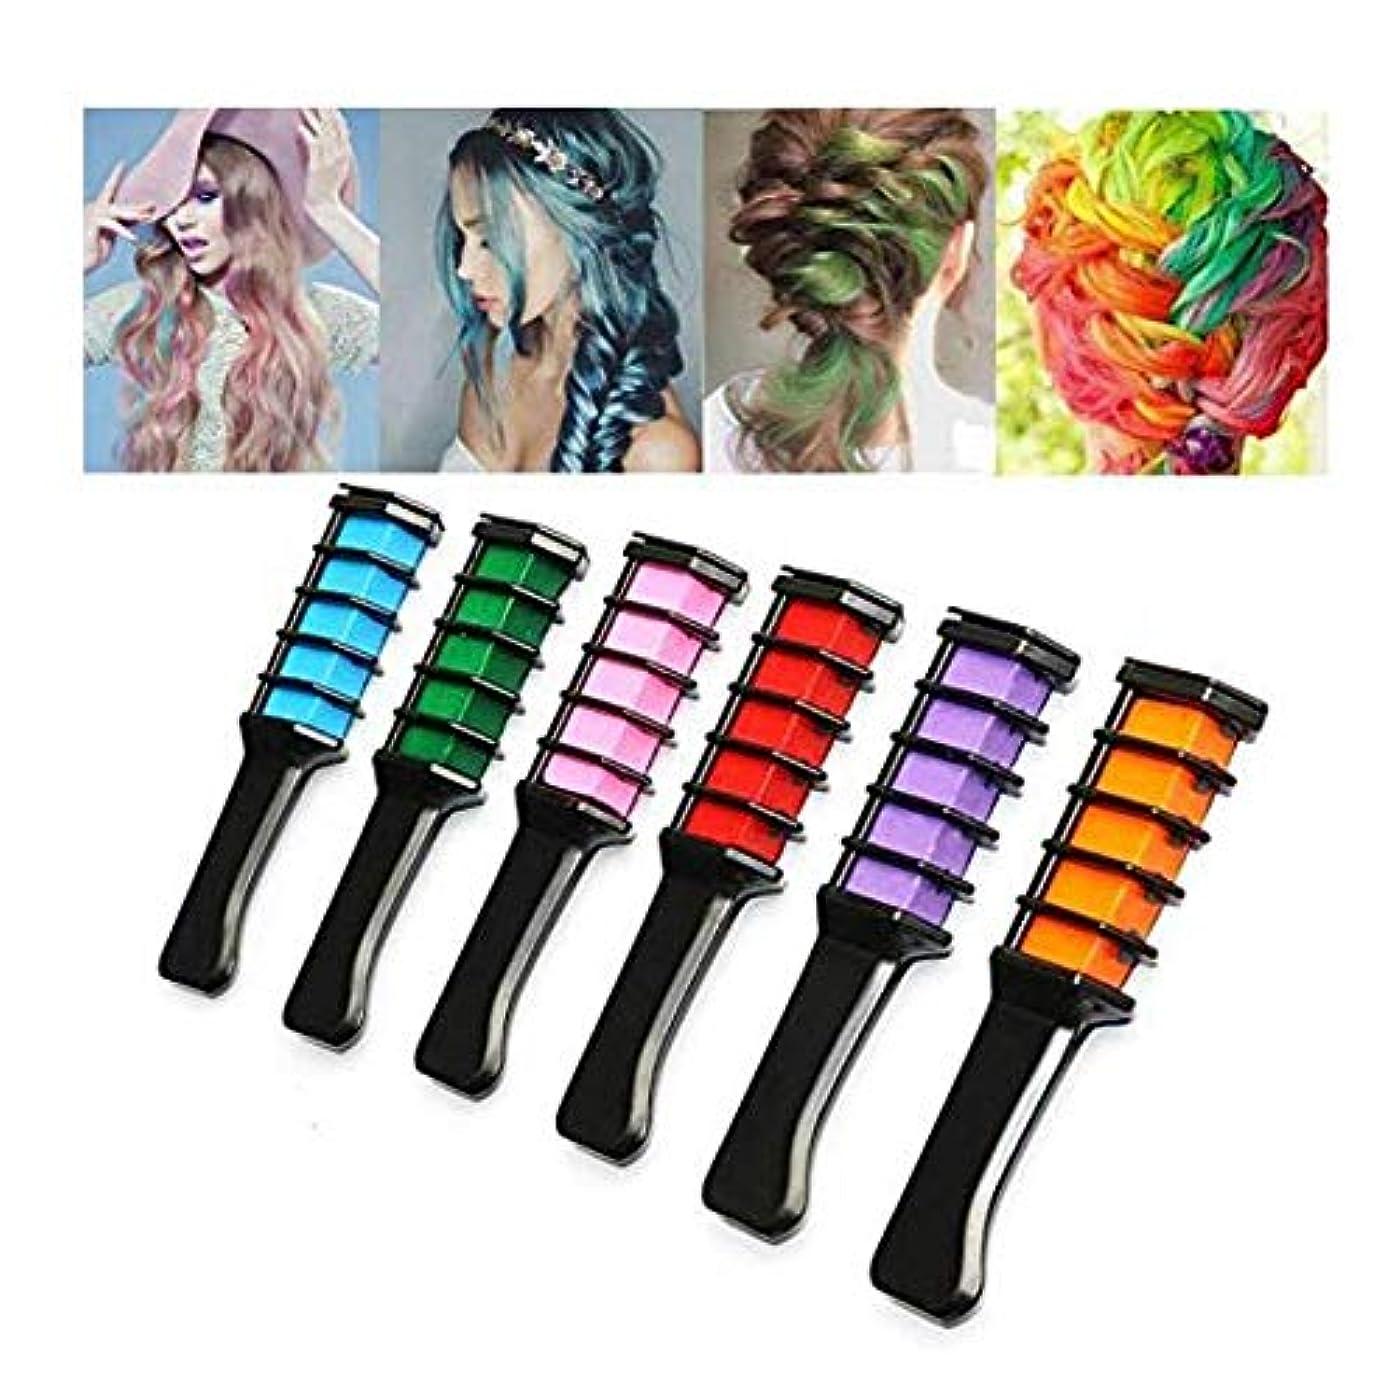 適格パーツ延ばす6色のヘアチョークコーム一時的なヘアカラークリームはすべての髪の色で動作しますDIYパーティーコスプレハロウィン